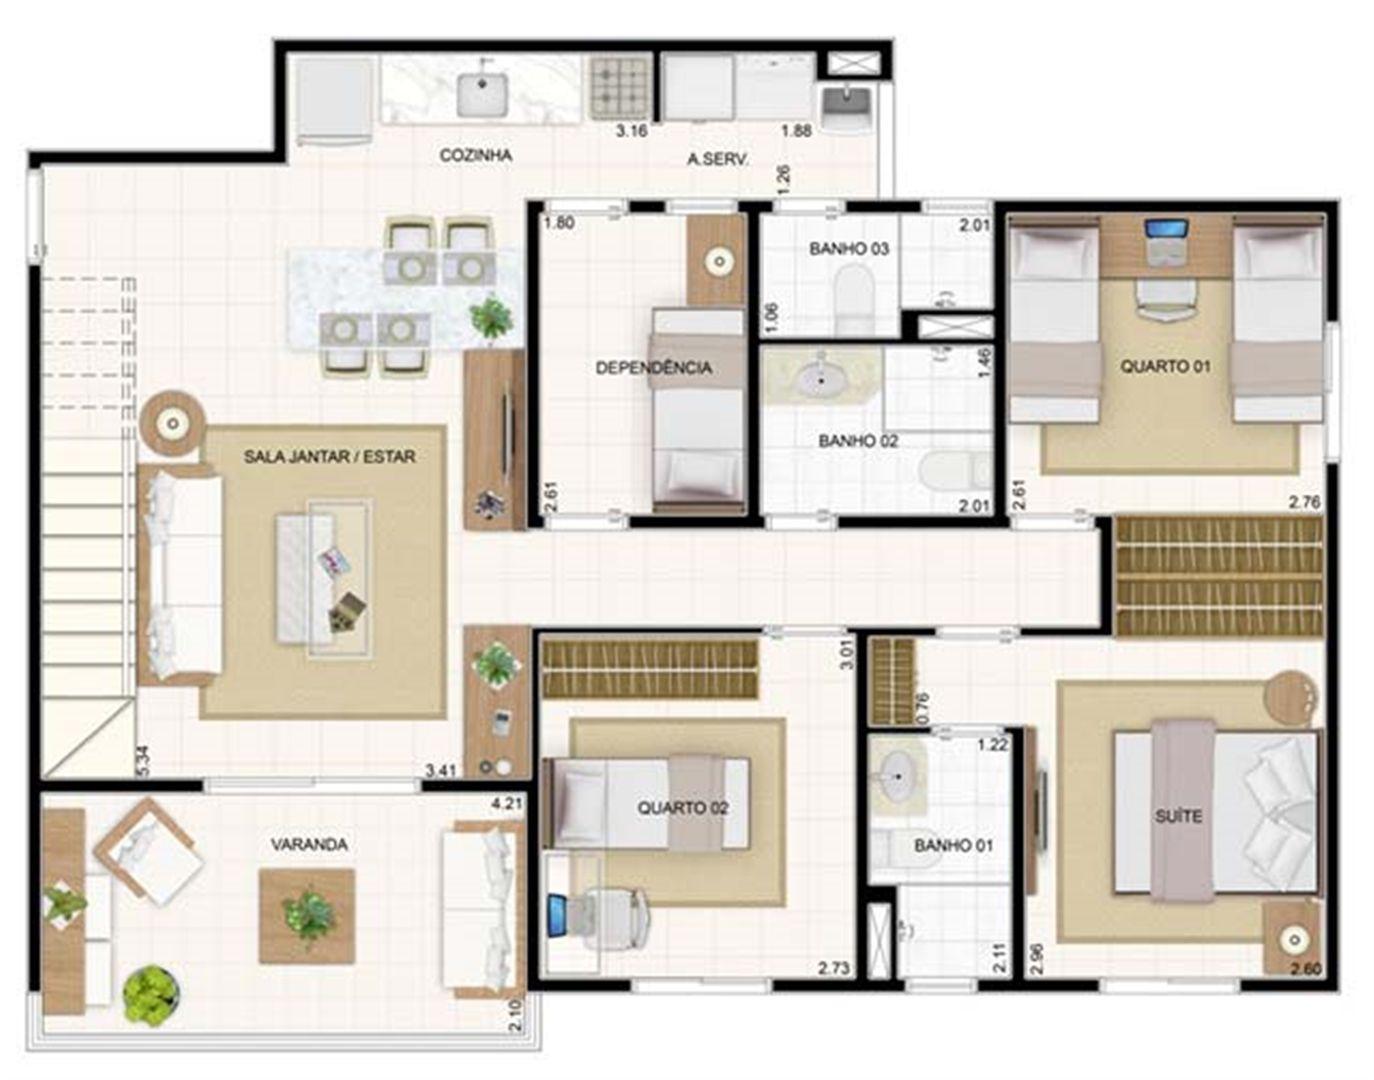 Duplex Inferior 3 dorms 176,57m² | Vita 2 Residencial Clube – Apartamento no  Pitimbu - Natal - Rio Grande do Norte